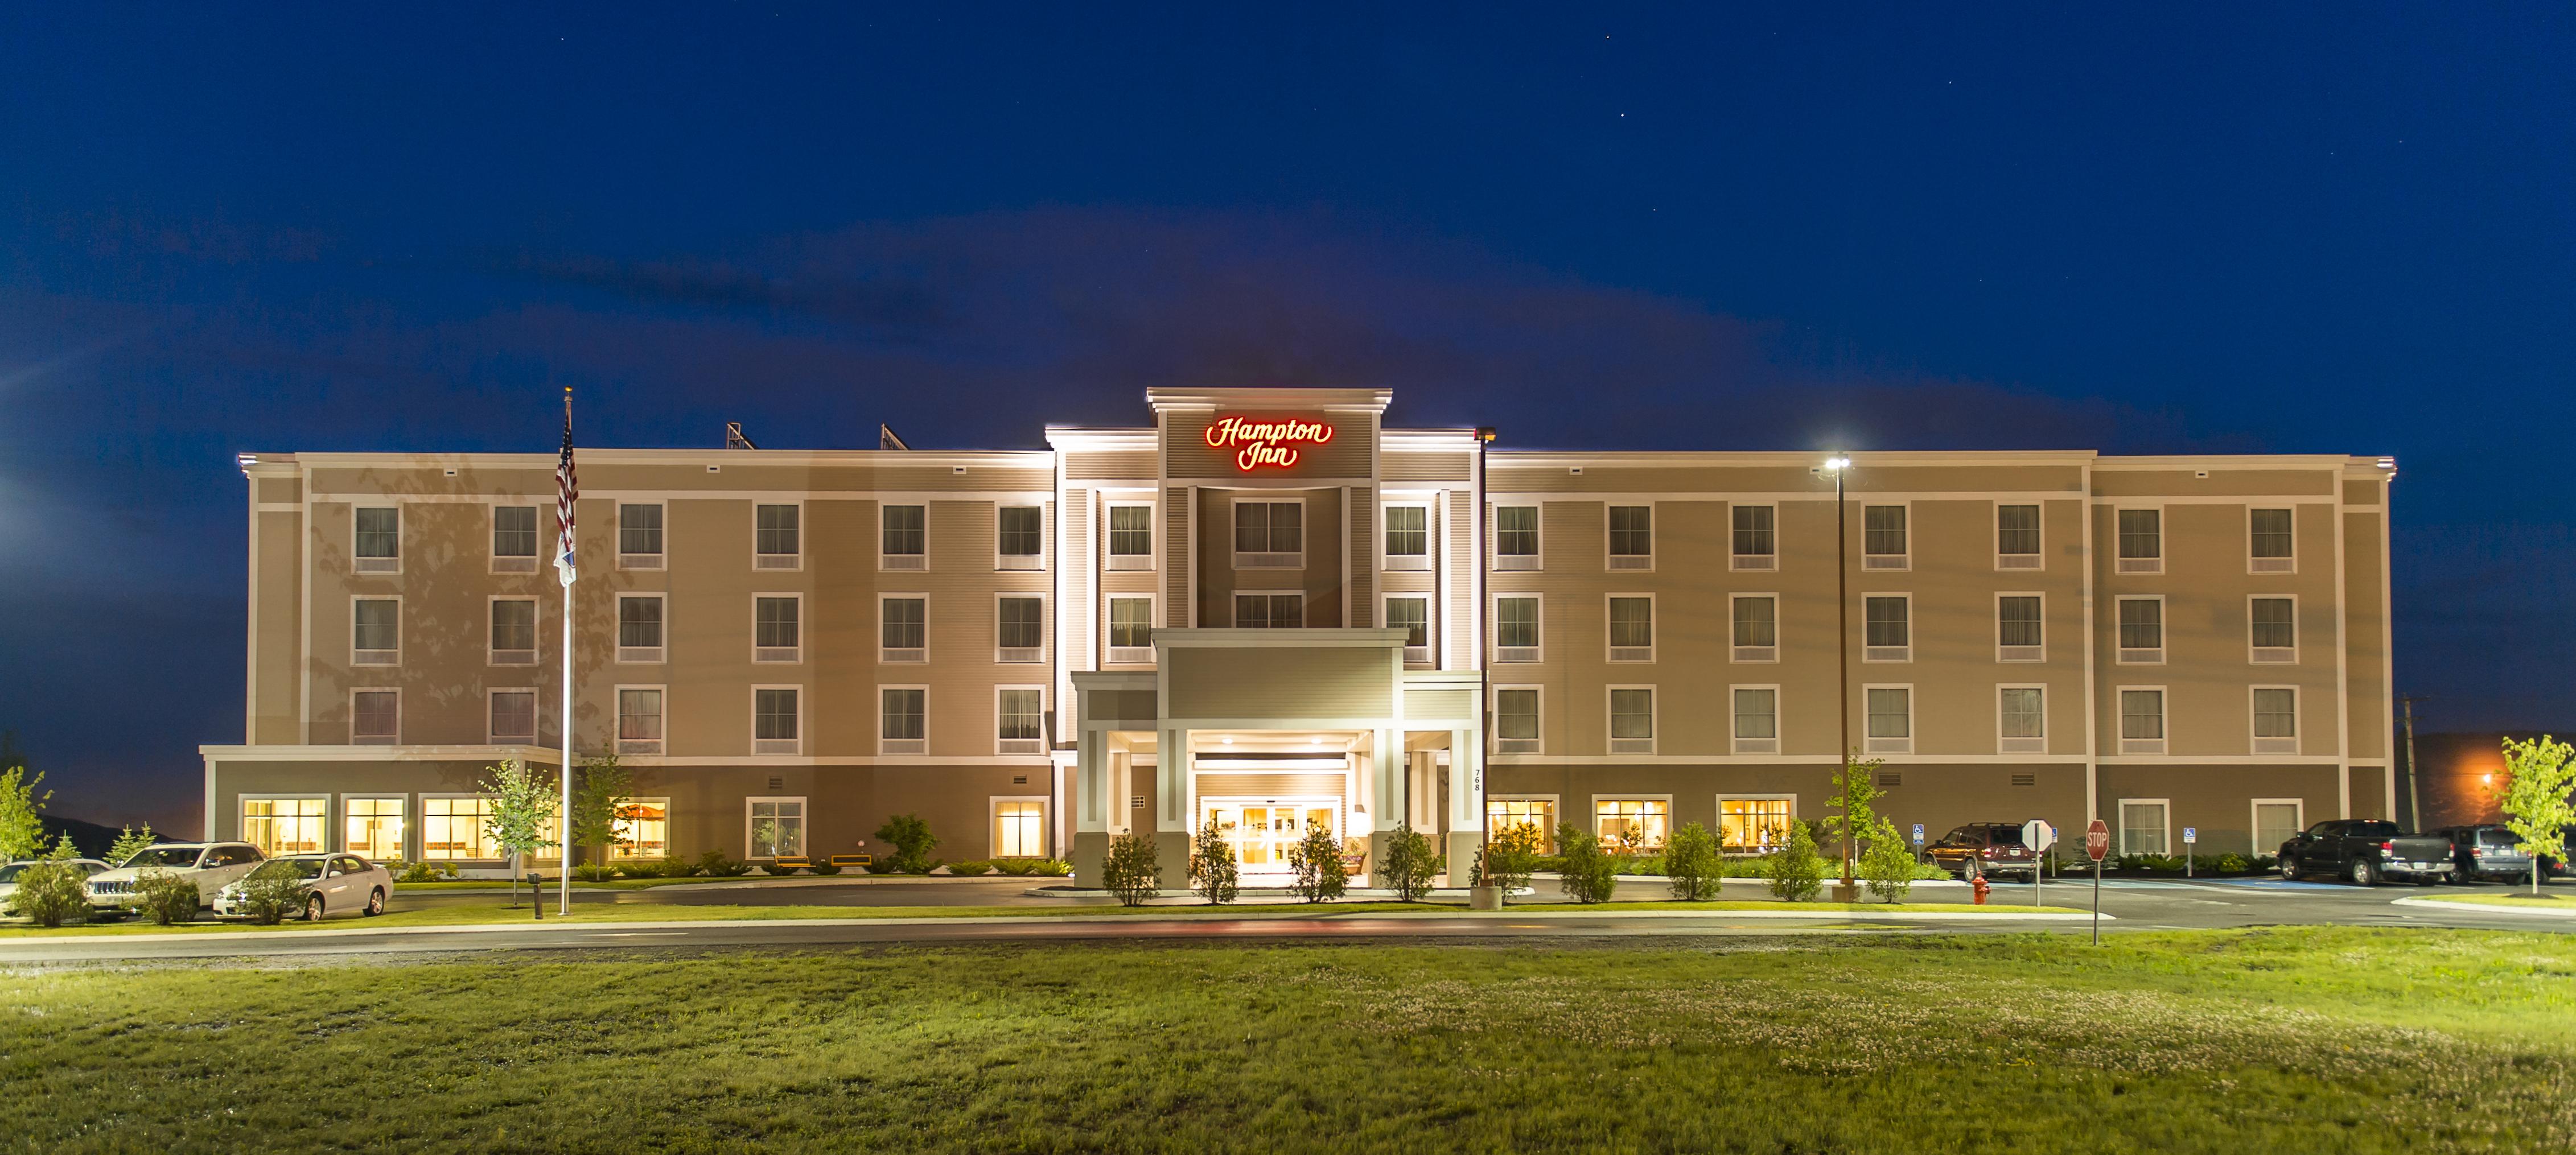 Hampton Inn by Hilton, Presque Isle